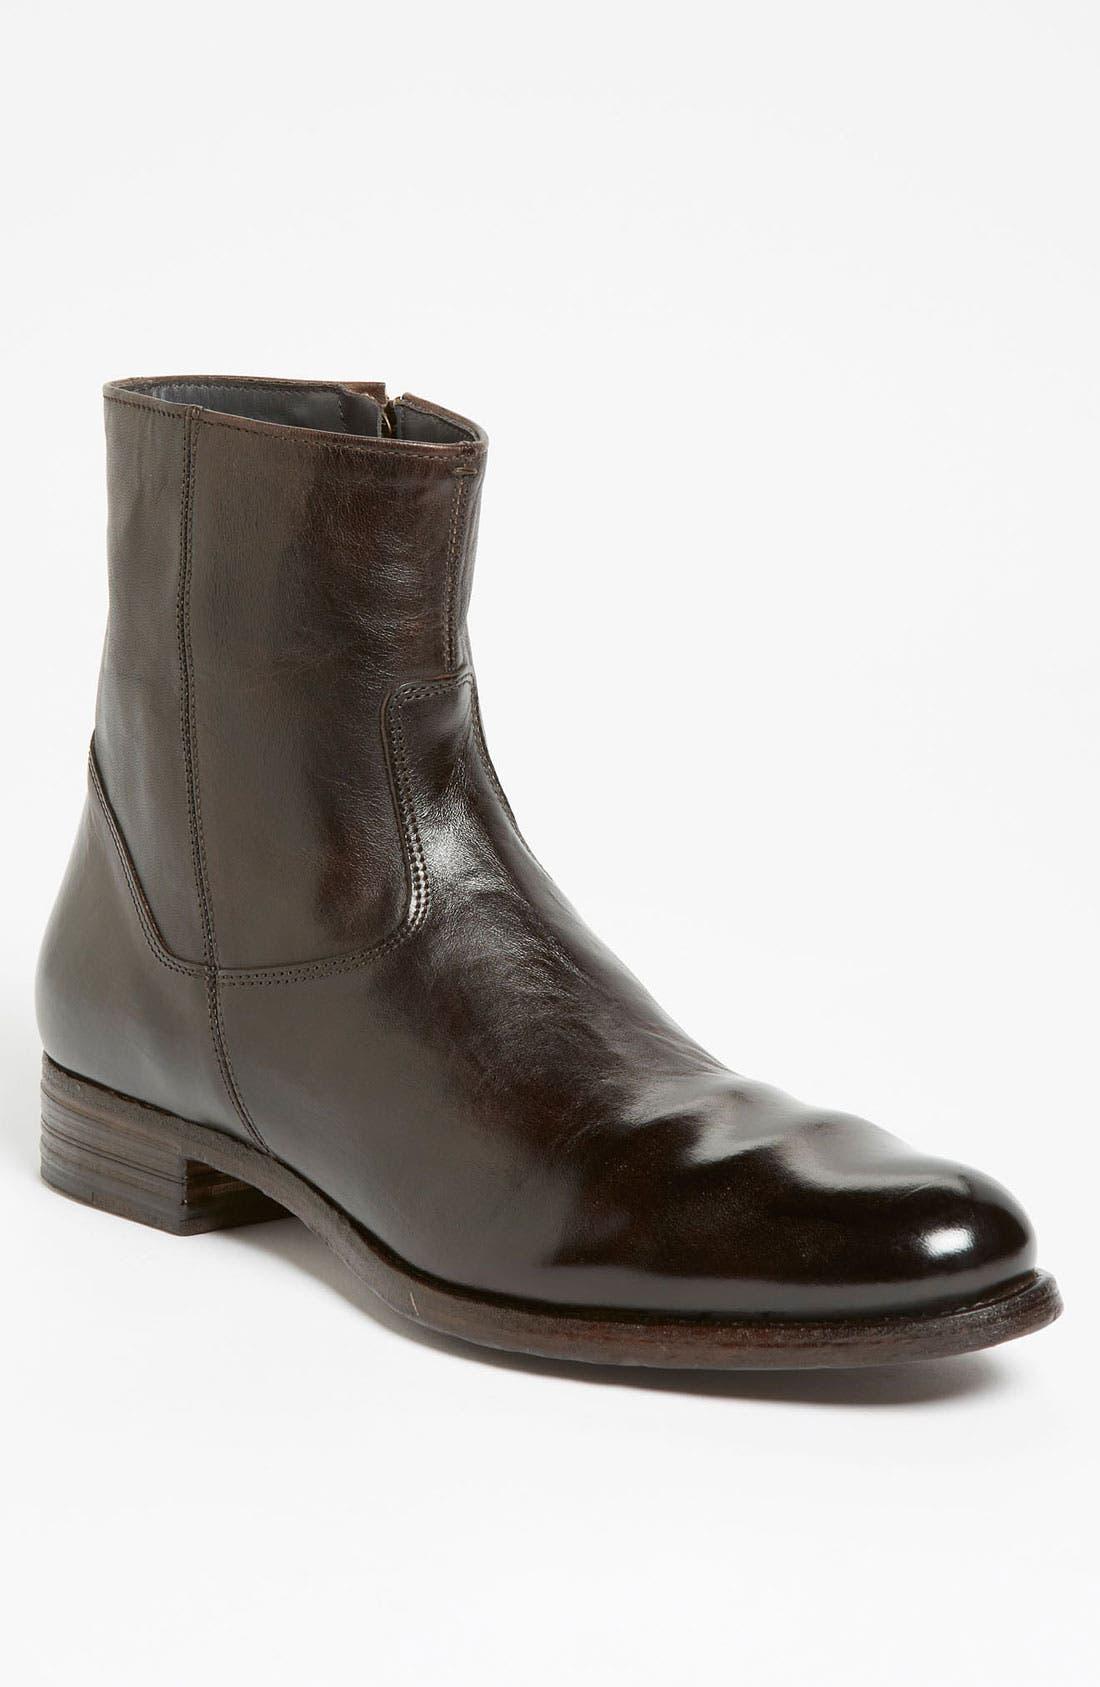 Main Image - To Boot New York 'Shane' Boot